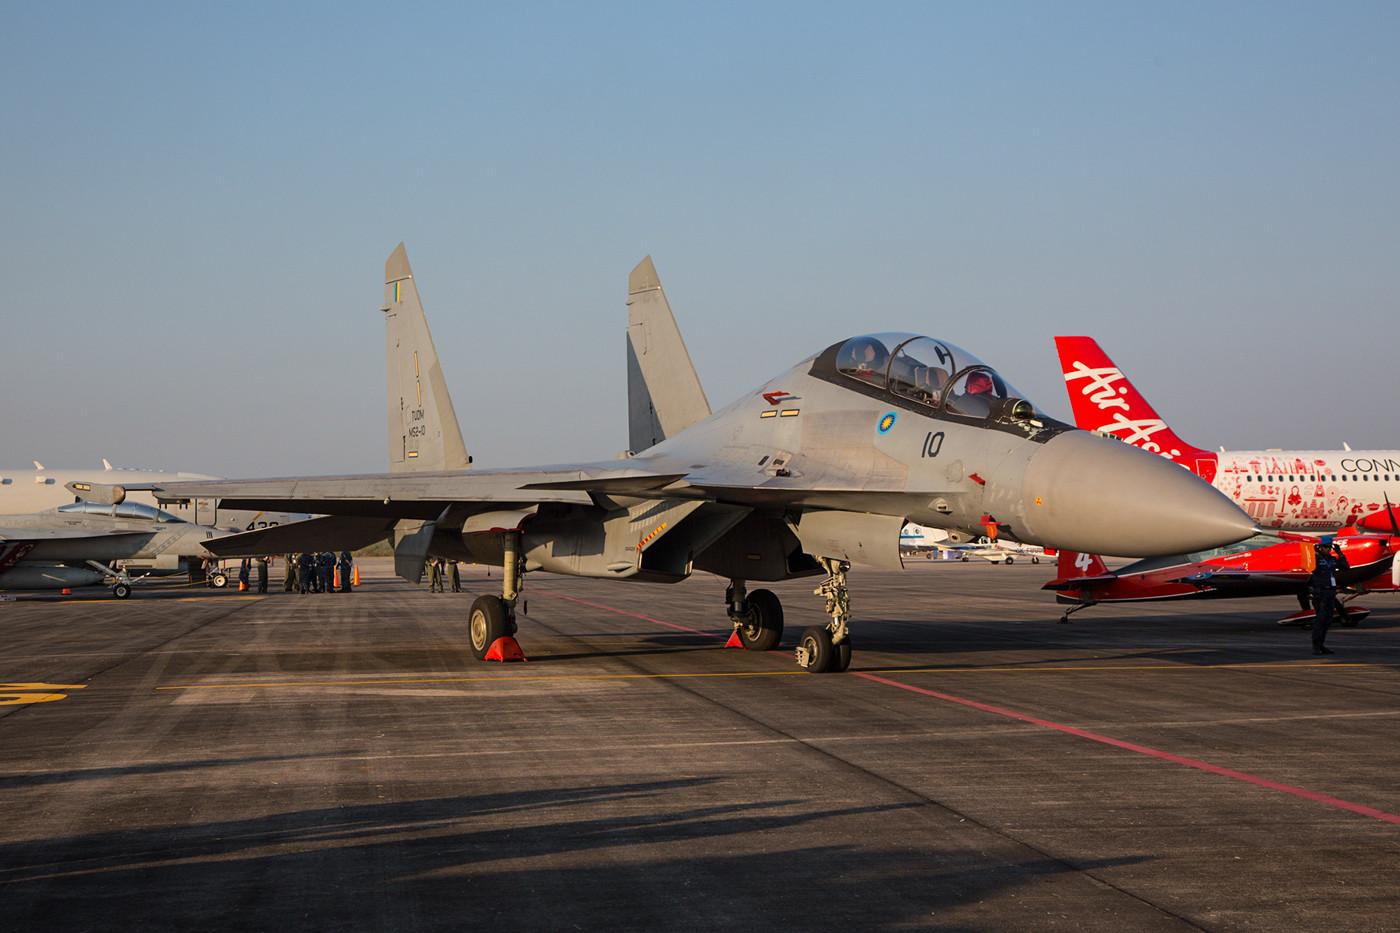 Das wohl beeindruckenste Fluggerät der TUDM sind die SU-30MKM mit Triebwerksvektorsteuerung.